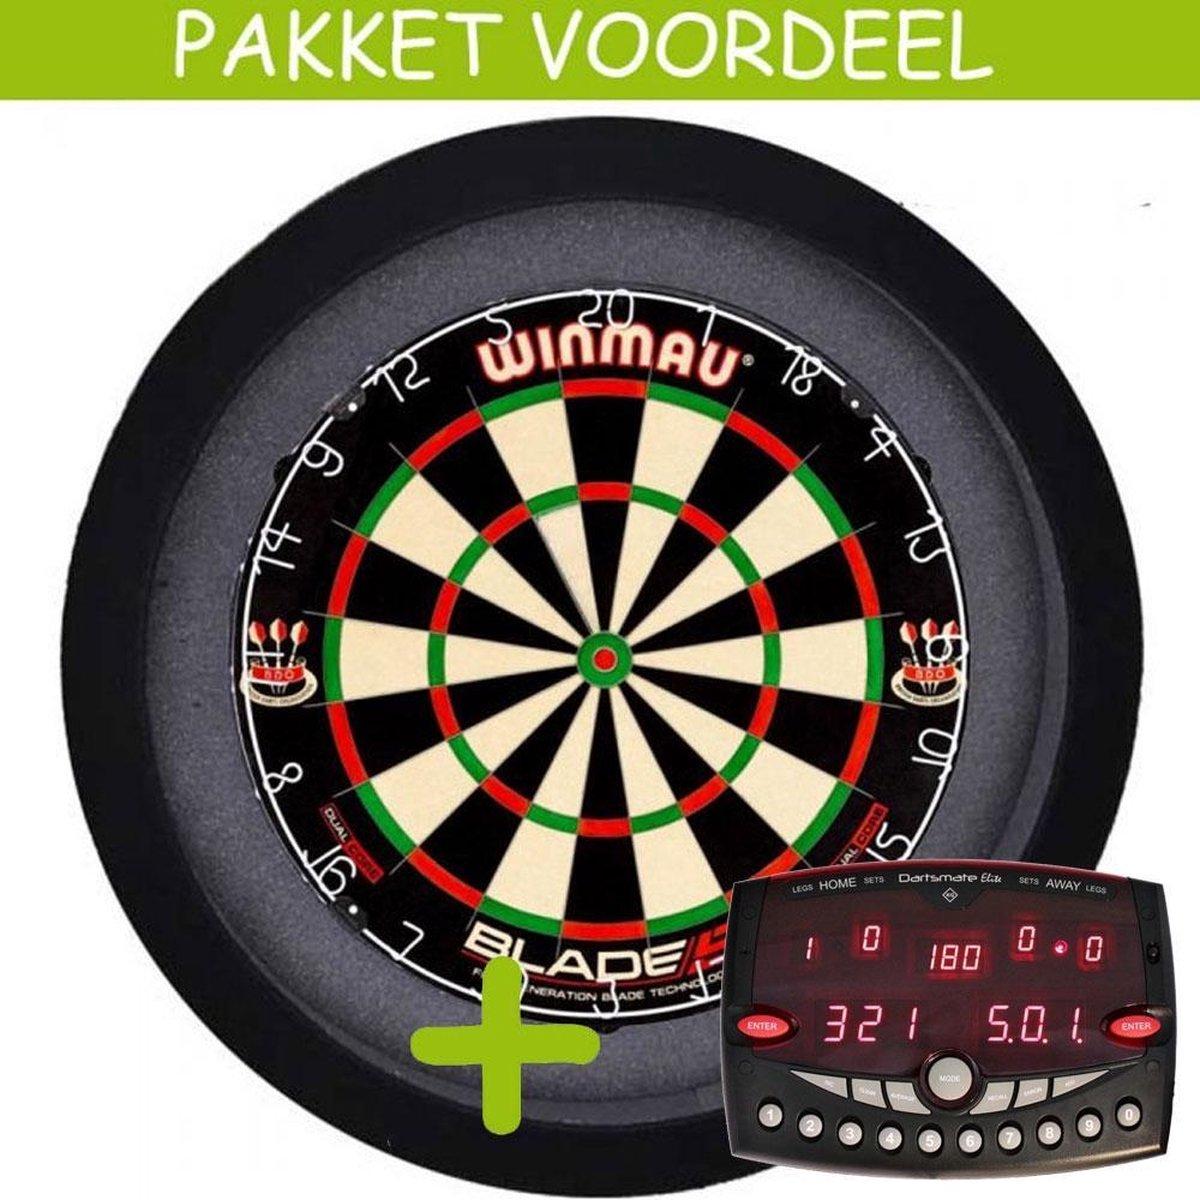 Elektronisch Dart Scorebord VoordeelPakket (Elite ) - Dual Core - Dartbordverlichting Basic (Zwart)